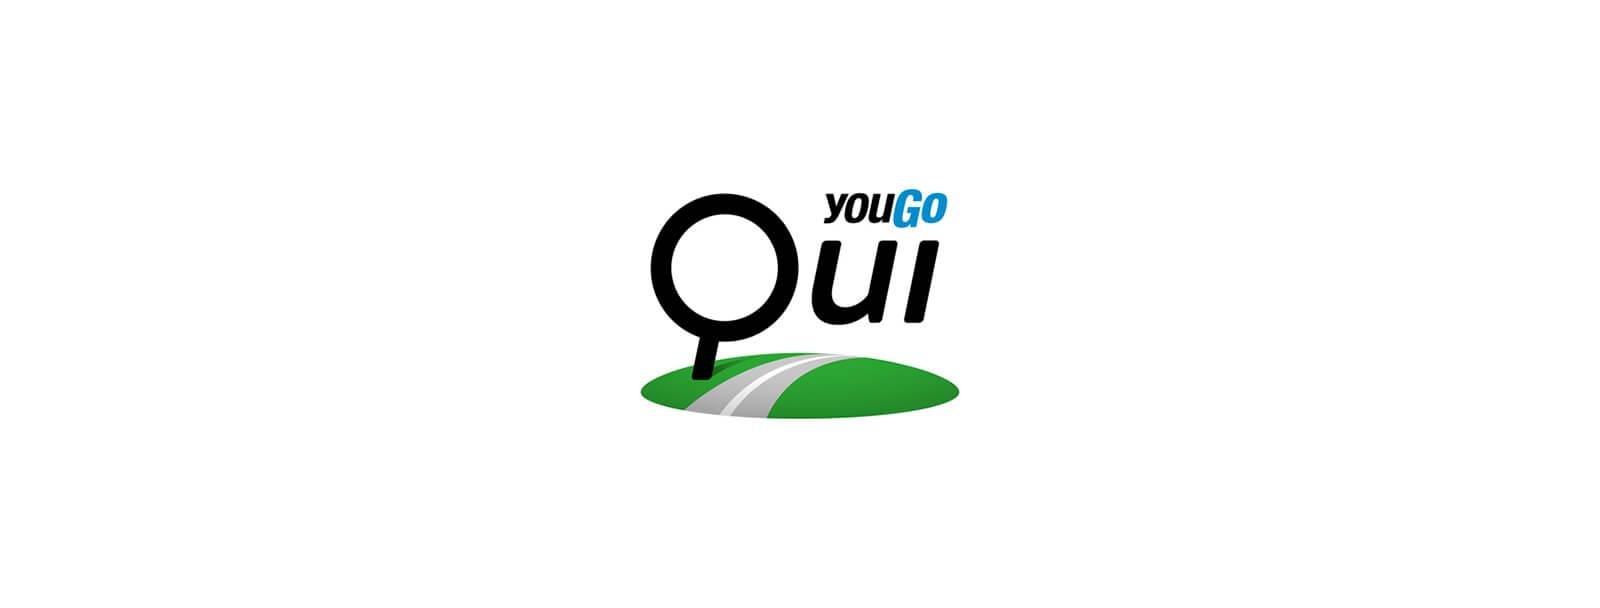 YouGo Qui branding naming payoff